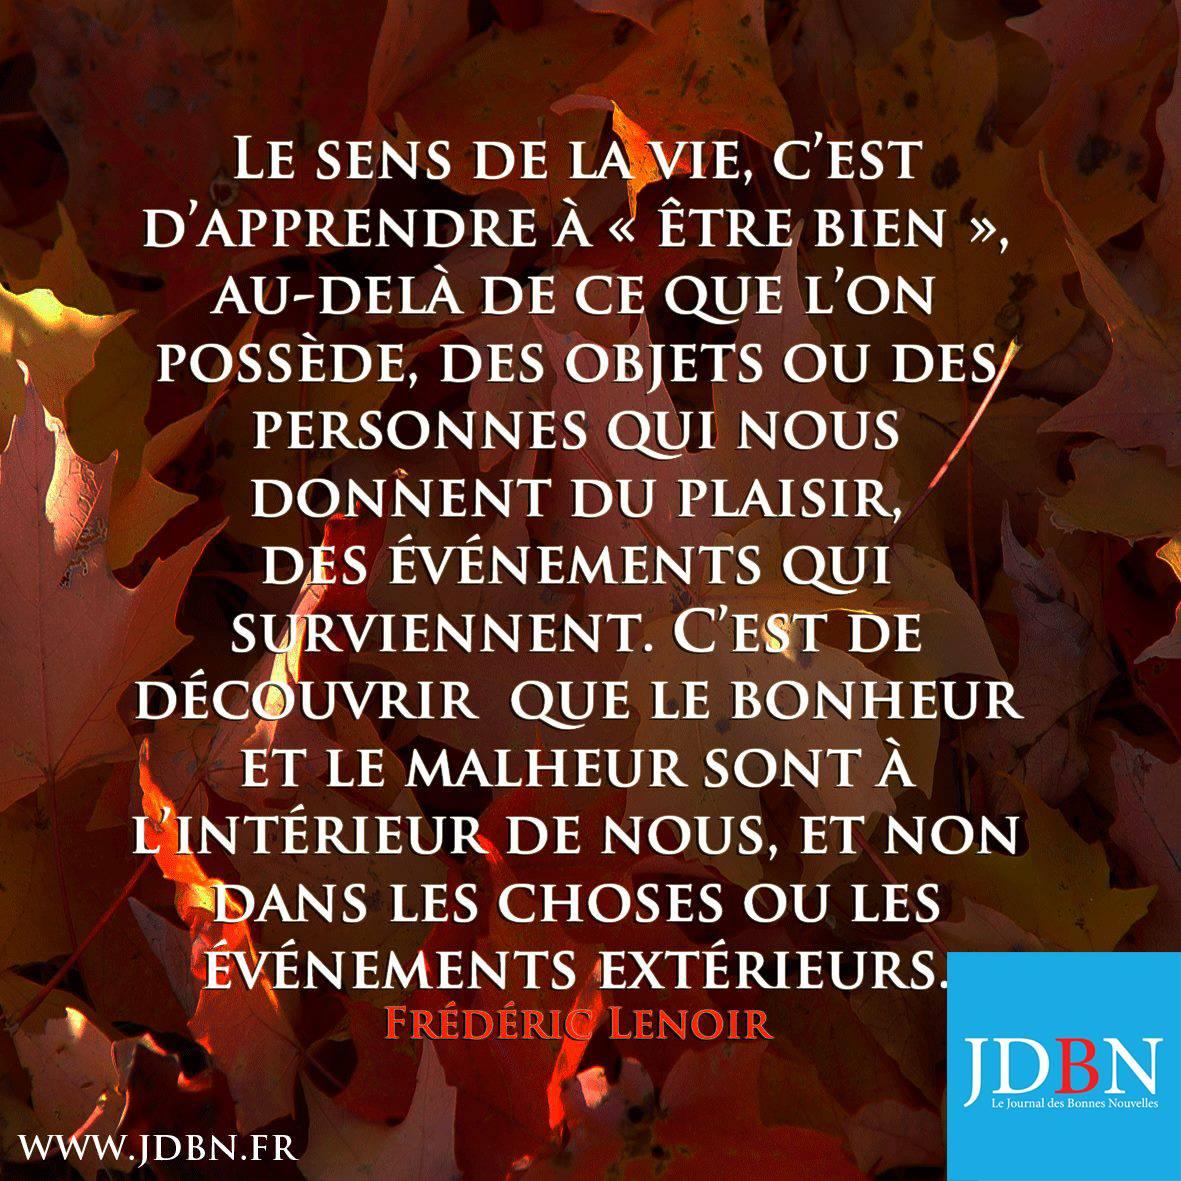 Bon Mardi 9 Octobre à toutes et à tous de la part du JDBN